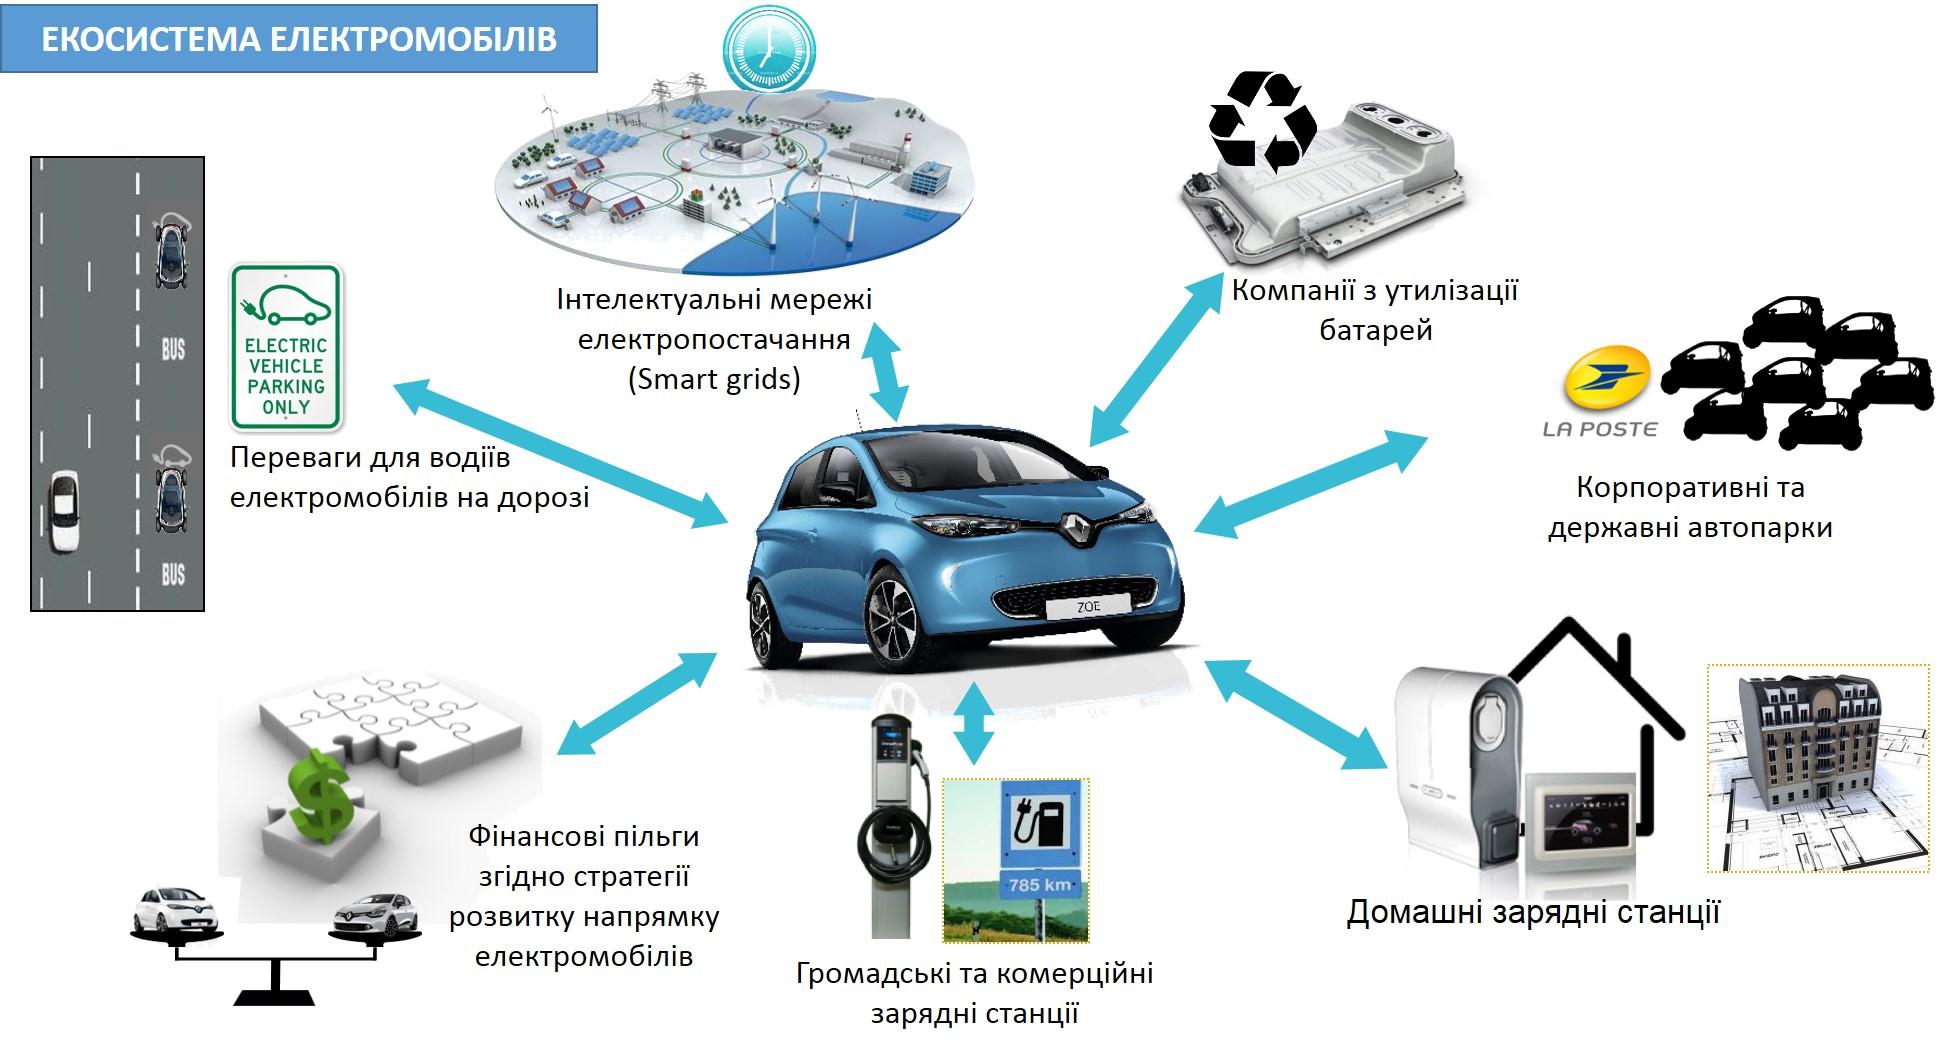 Что нужно для эксплуатации электромобиля